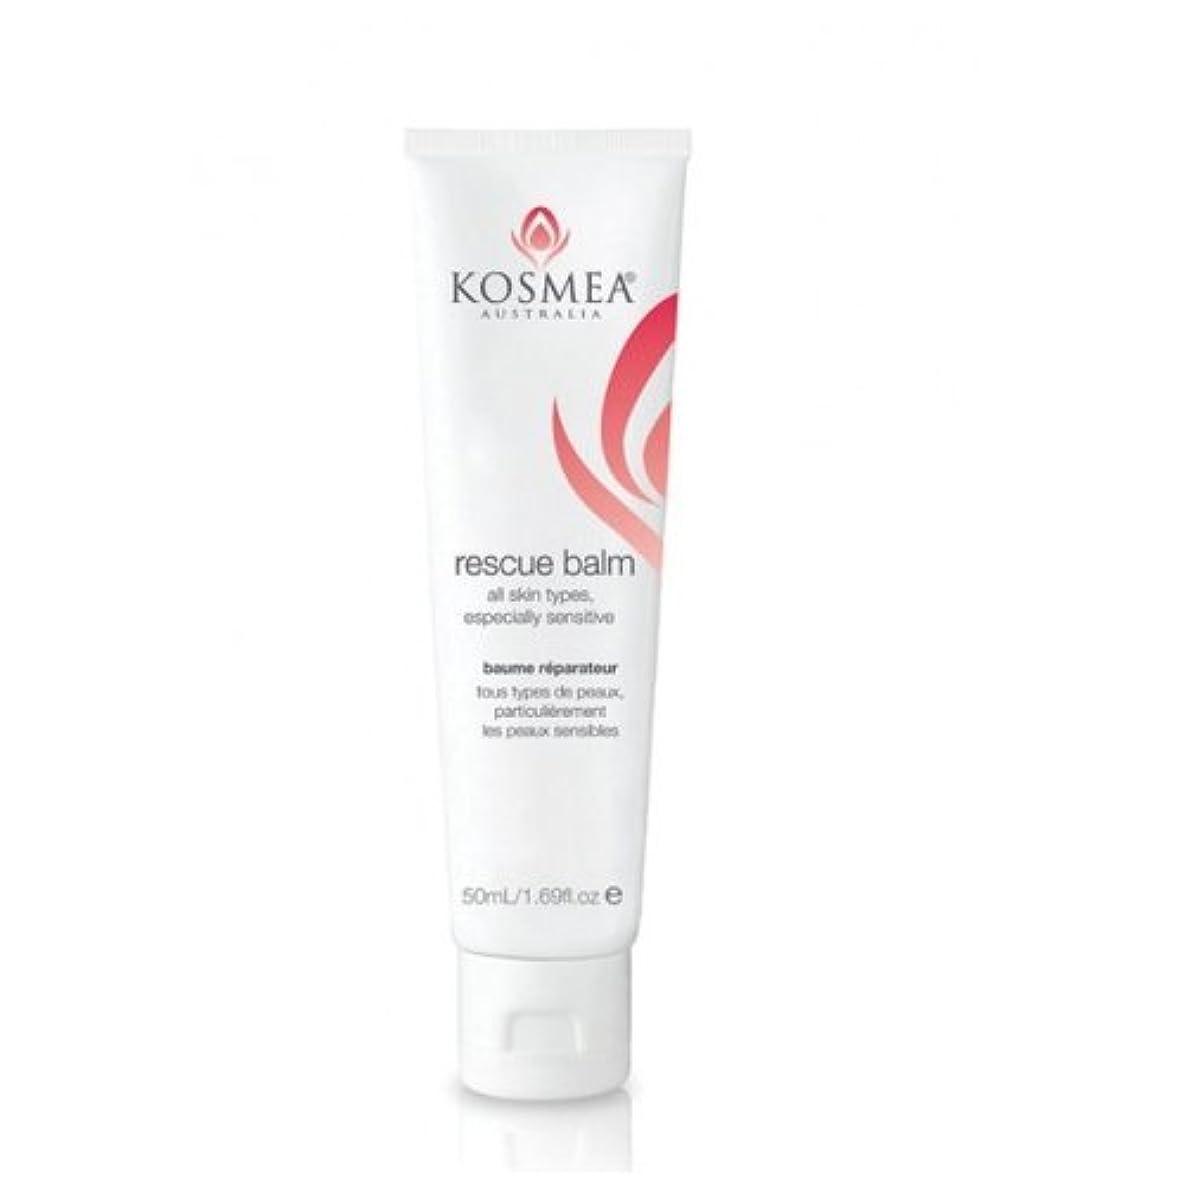 正当な日没レギュラー【KOSMEA】Skin Clinic TM Rescue Balm コスメア レスキューバーム 50ml【並行輸入品】【海外直送品】